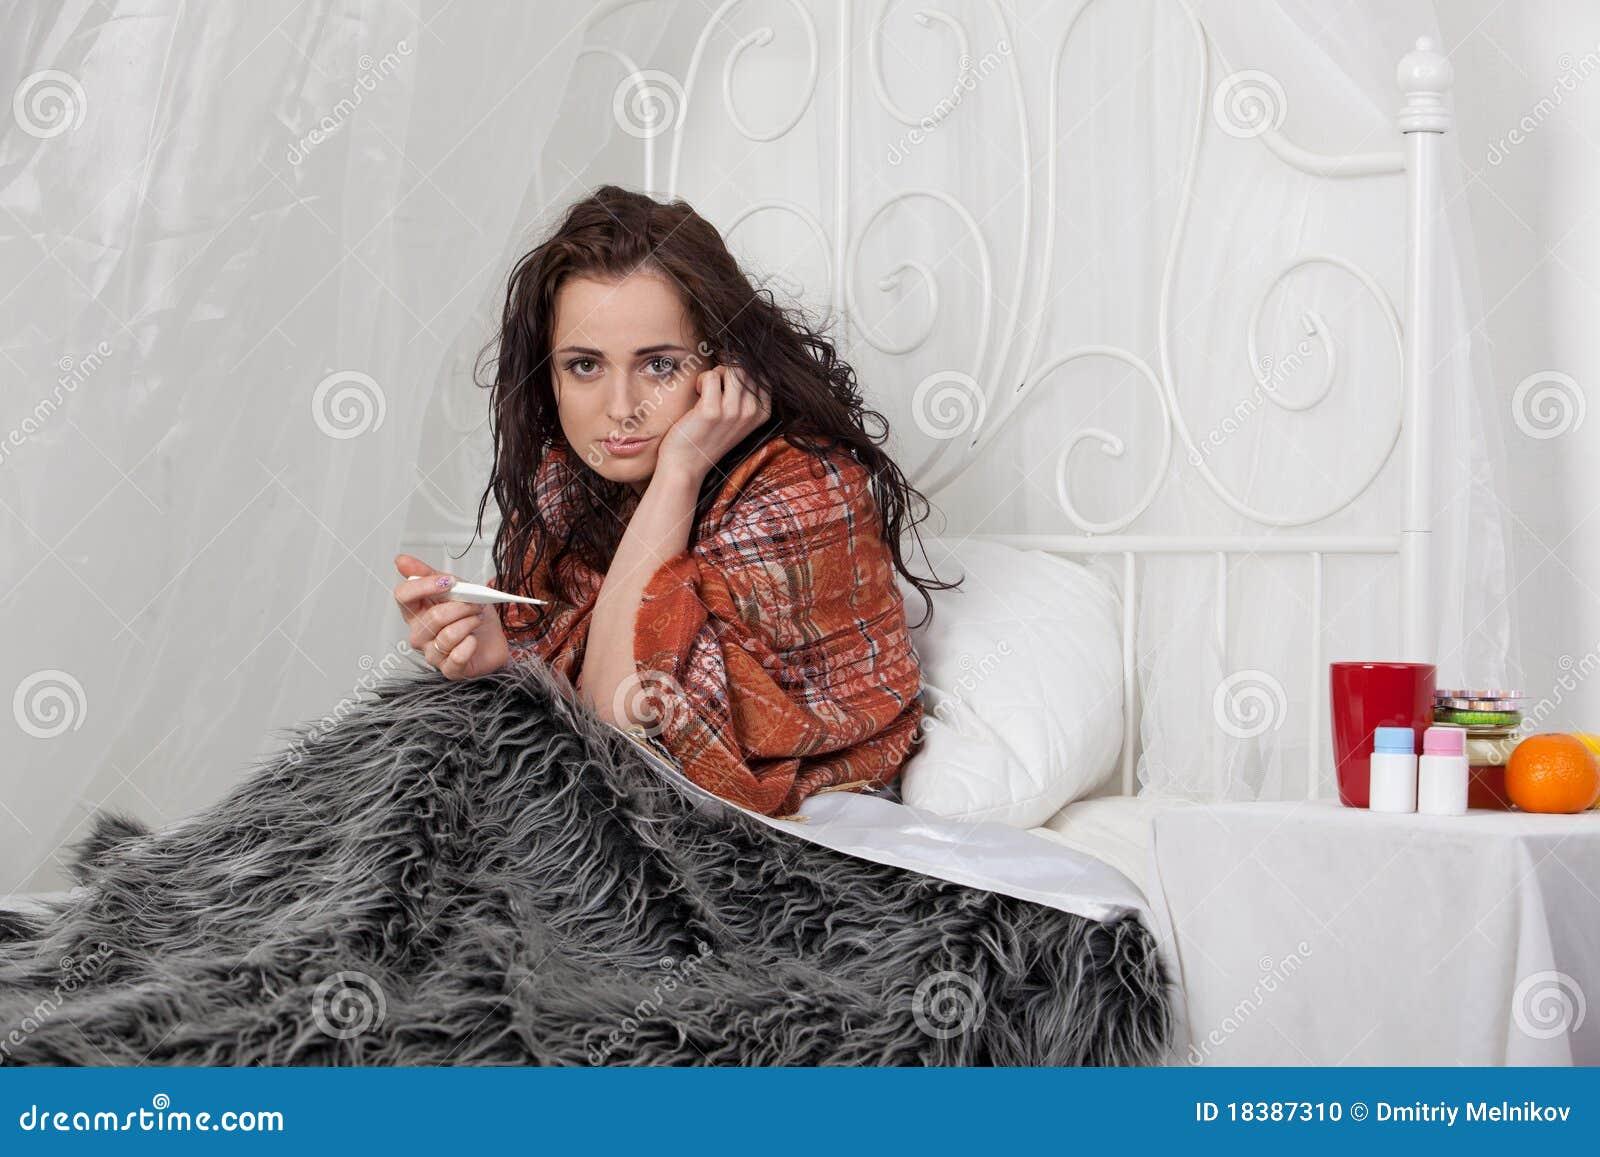 дом кровати лежит больная женщина